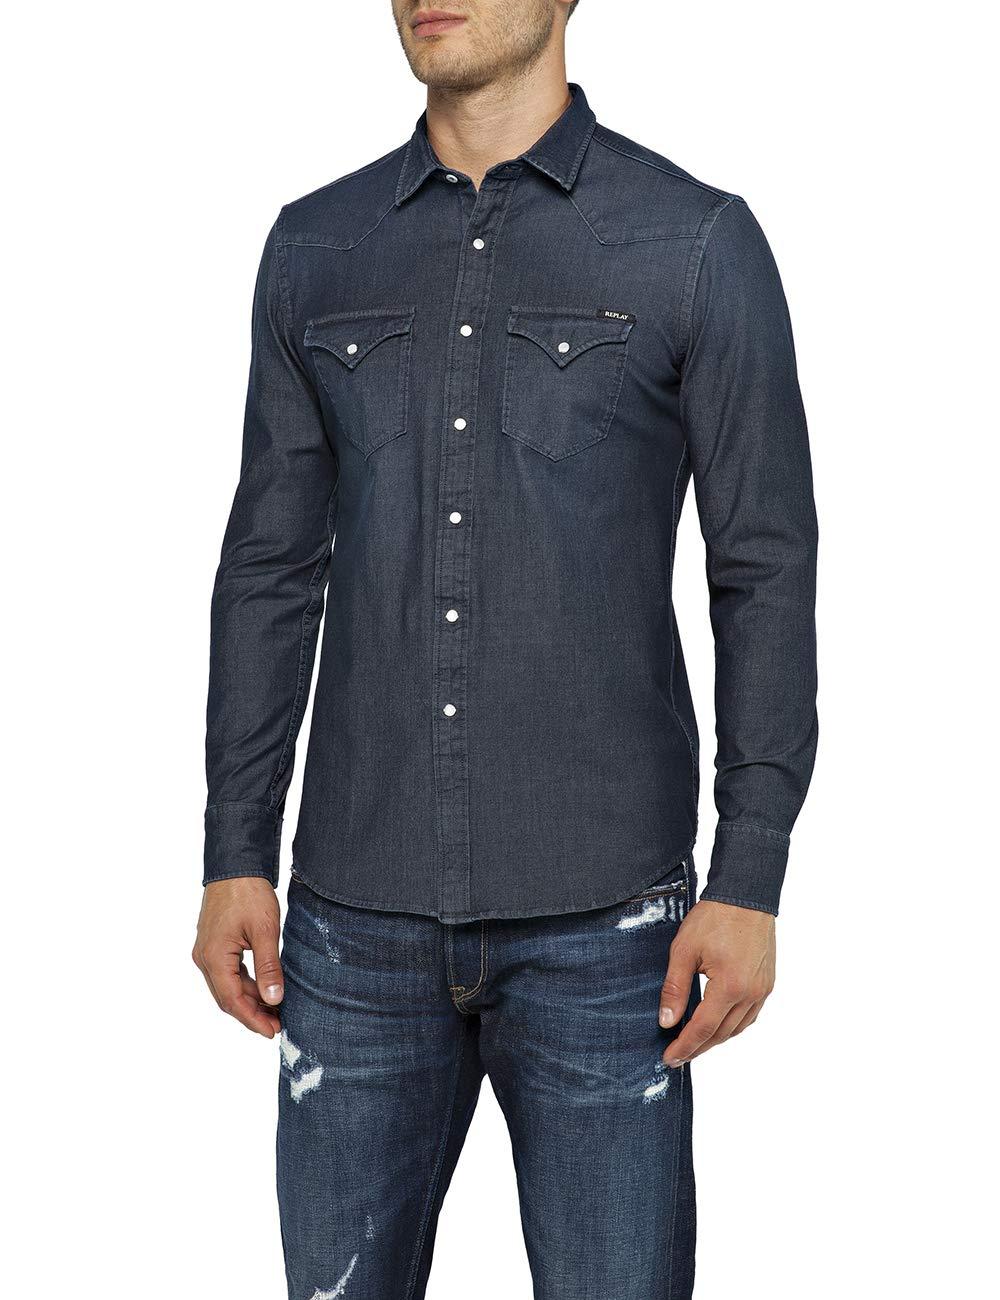 REPLAY M4001 .000.39b 407 Camisa Vaquera, Azul (Dark Blue 7), Medium para Hombre: Amazon.es: Ropa y accesorios